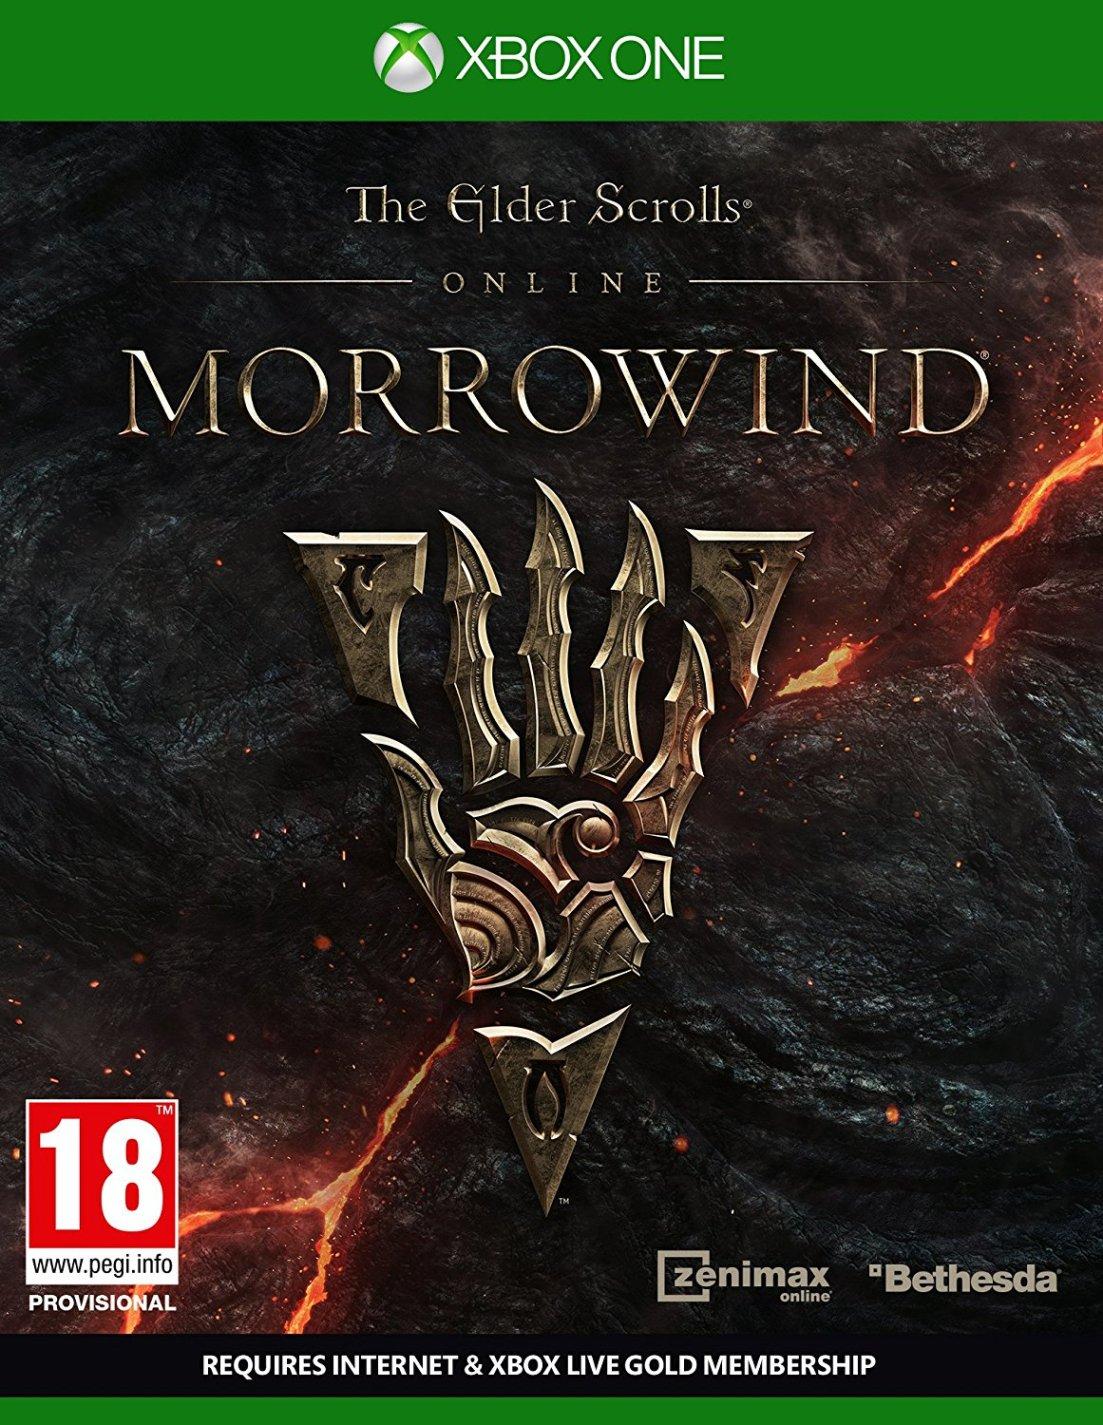 The Elder Scrolls: Online - Morrowind